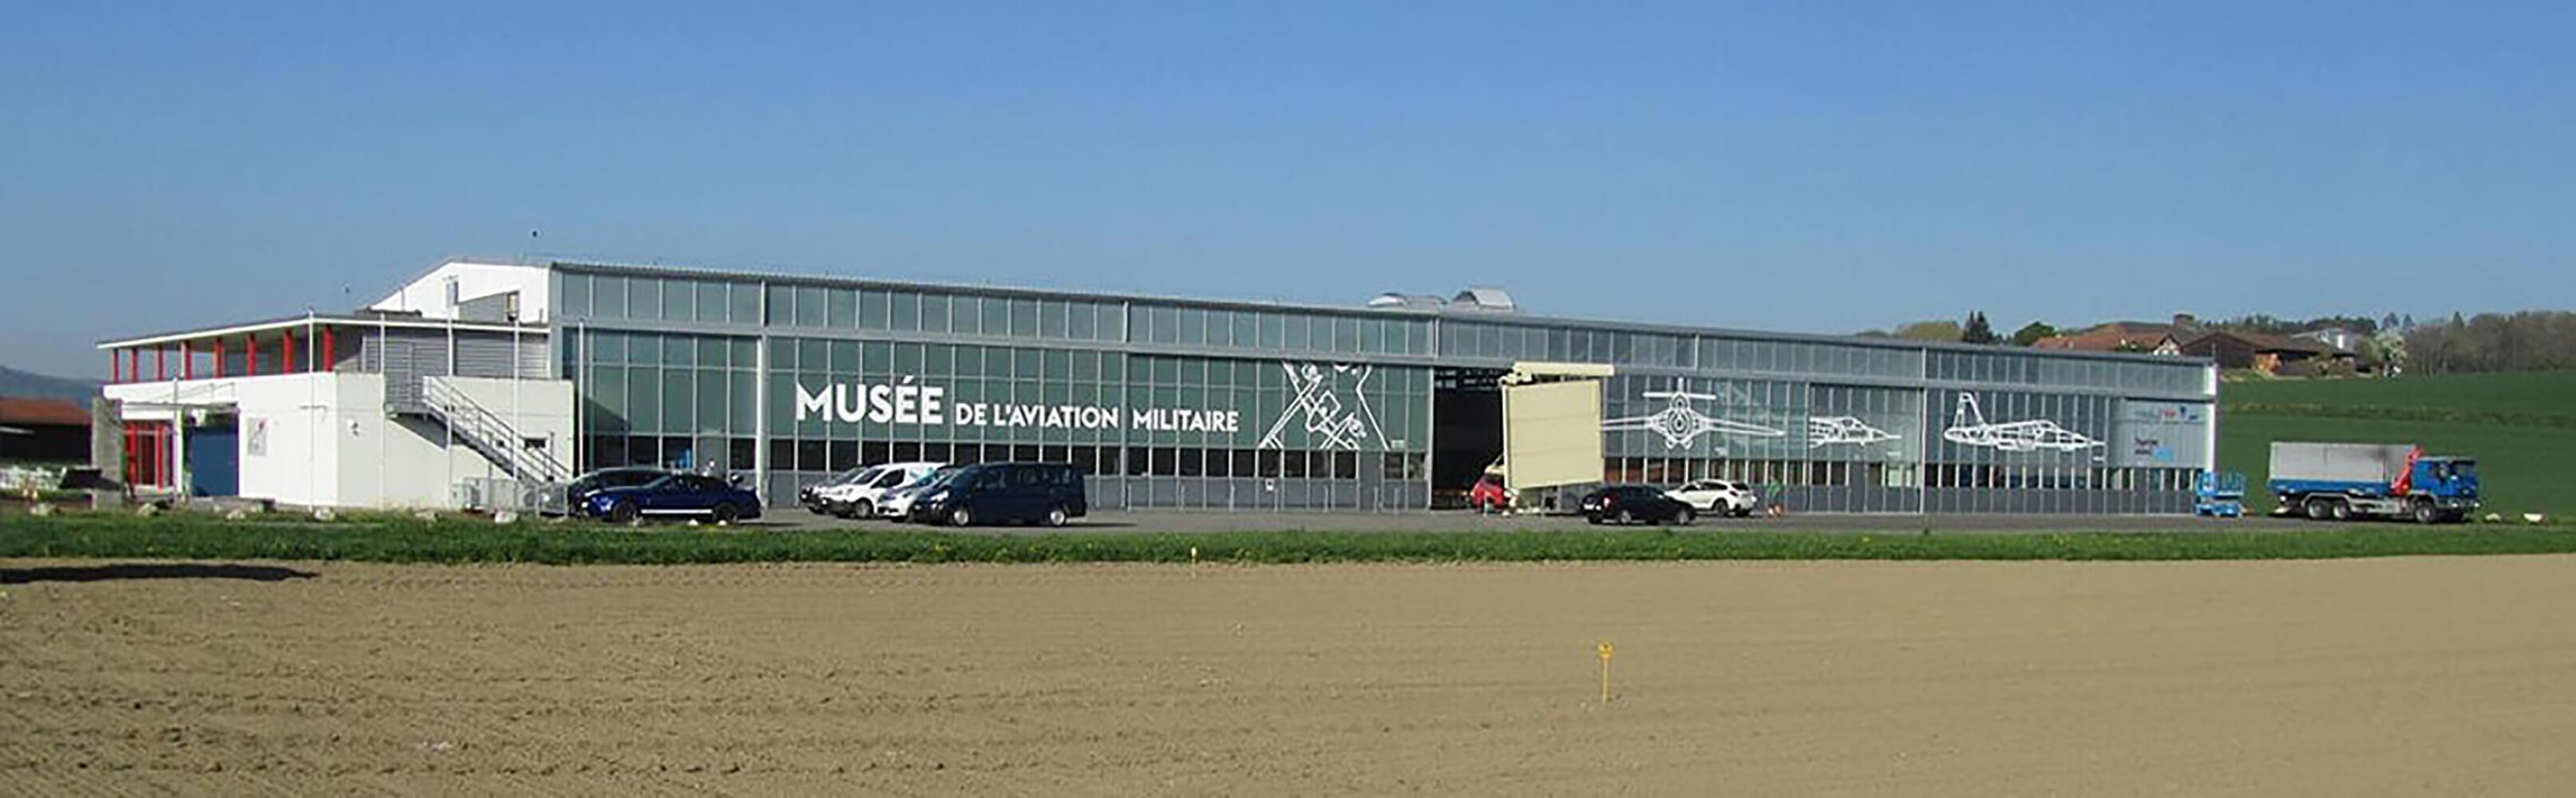 Clin d'Ailes - Musée de l'aviation militaire de Payerne 1